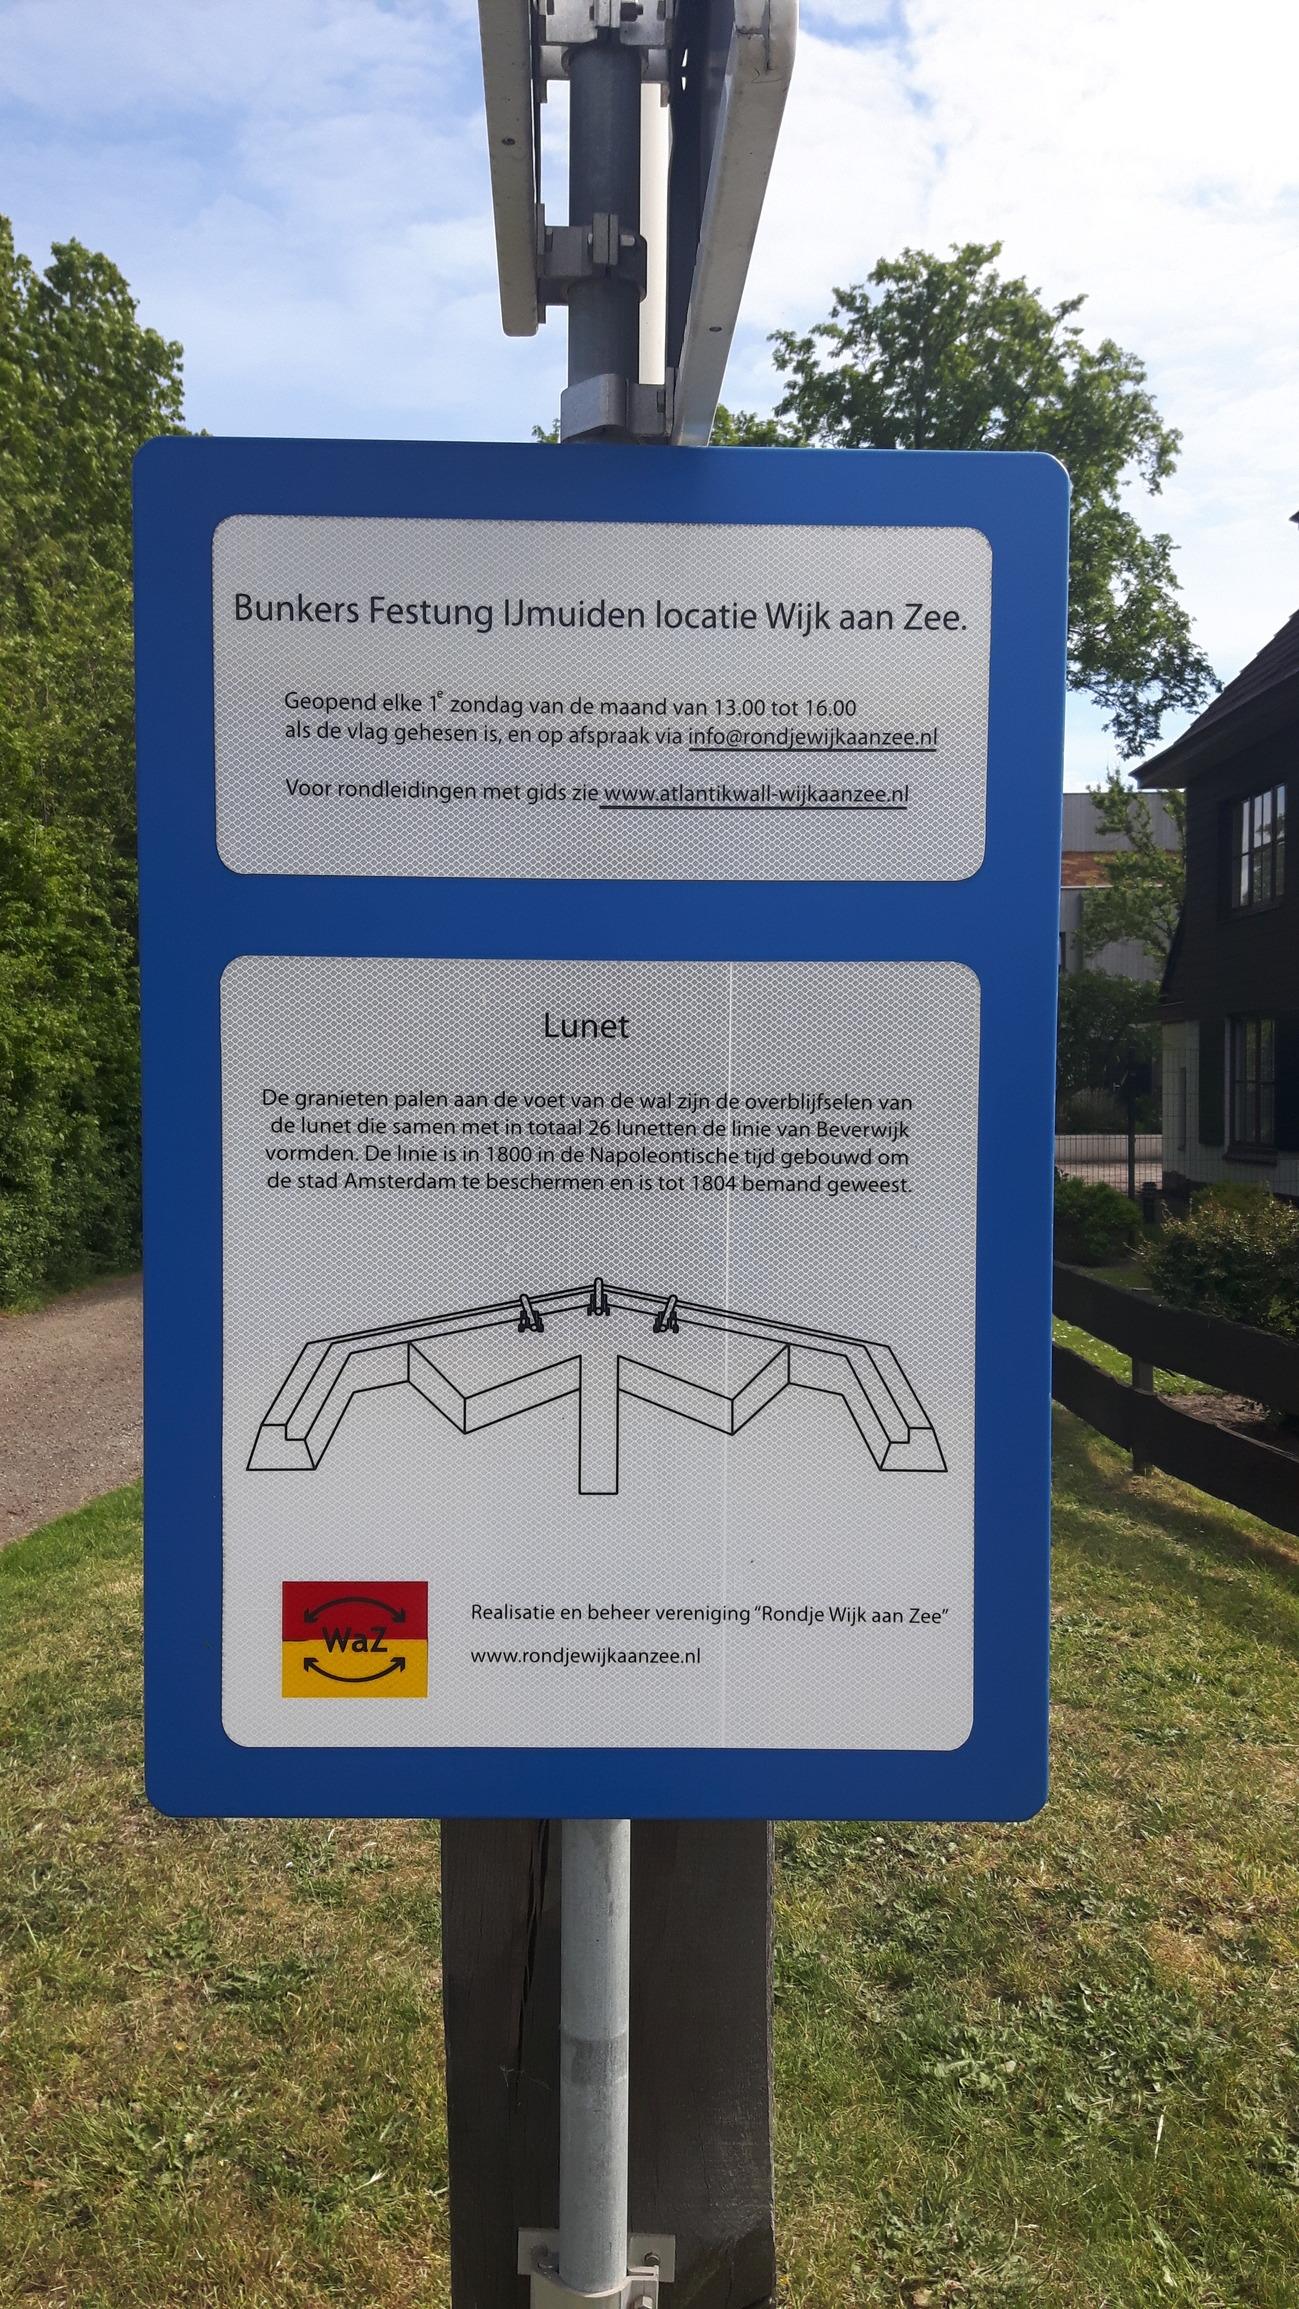 Bunkers Festung IJmuiden locatie Wijk aan Zee photo.jpg